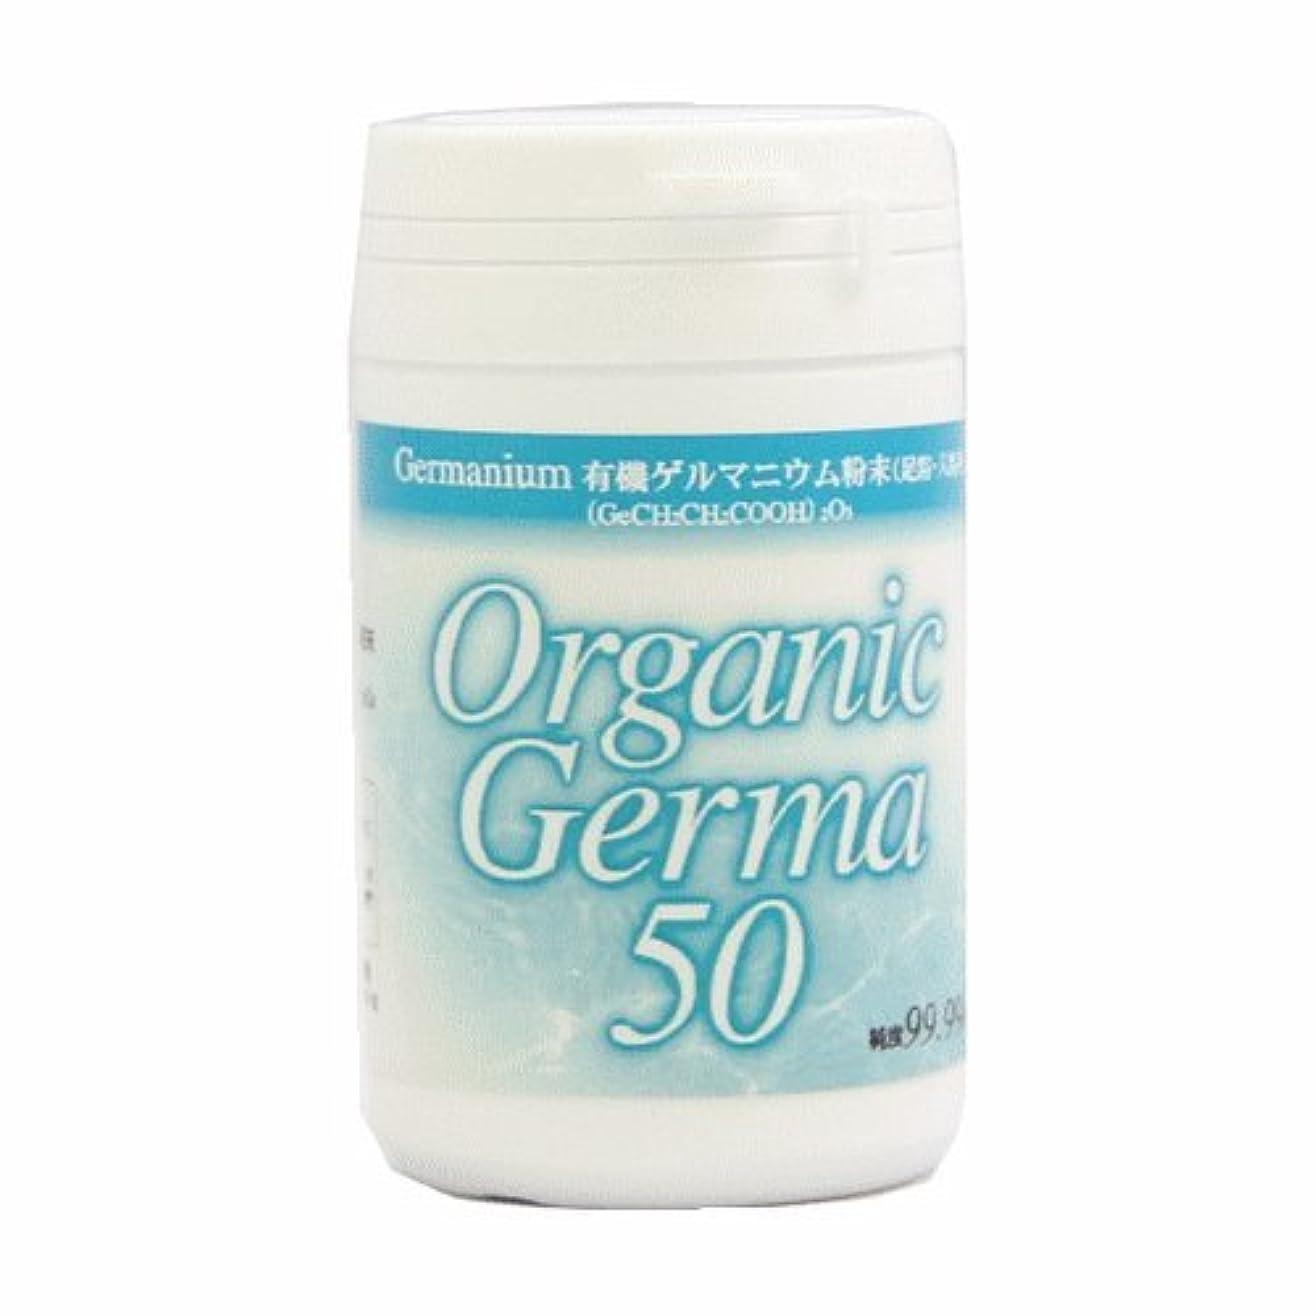 エスカレーターモンスター提供【有機 ゲルマニウム 粉末 50g (Ge-132) 99.99% 温浴用】 ゲルマ パウダー